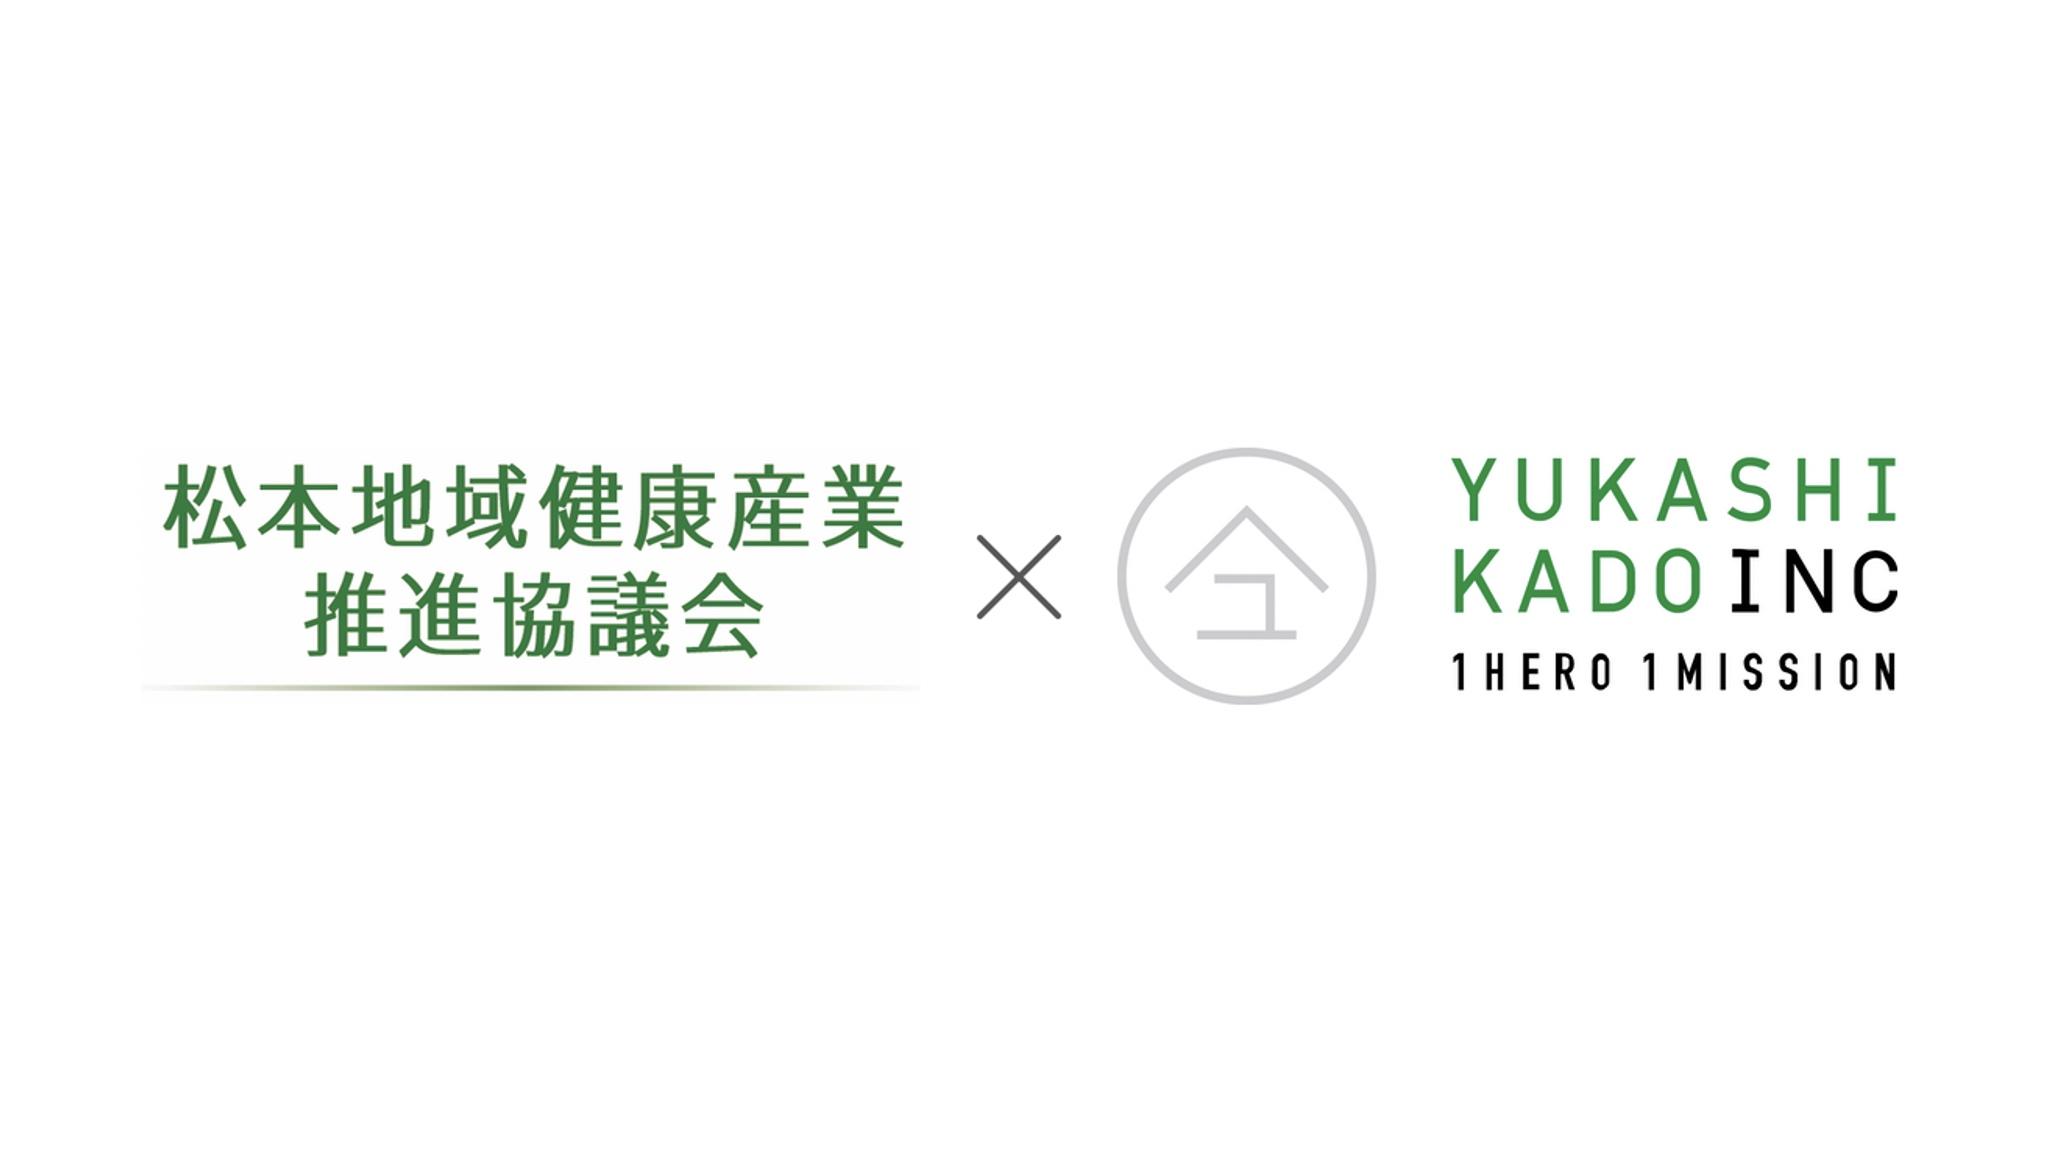 ユカシカド×松本市×知恵と考働 | VitaNoteの栄養検査技術を用いた実証実験を開始